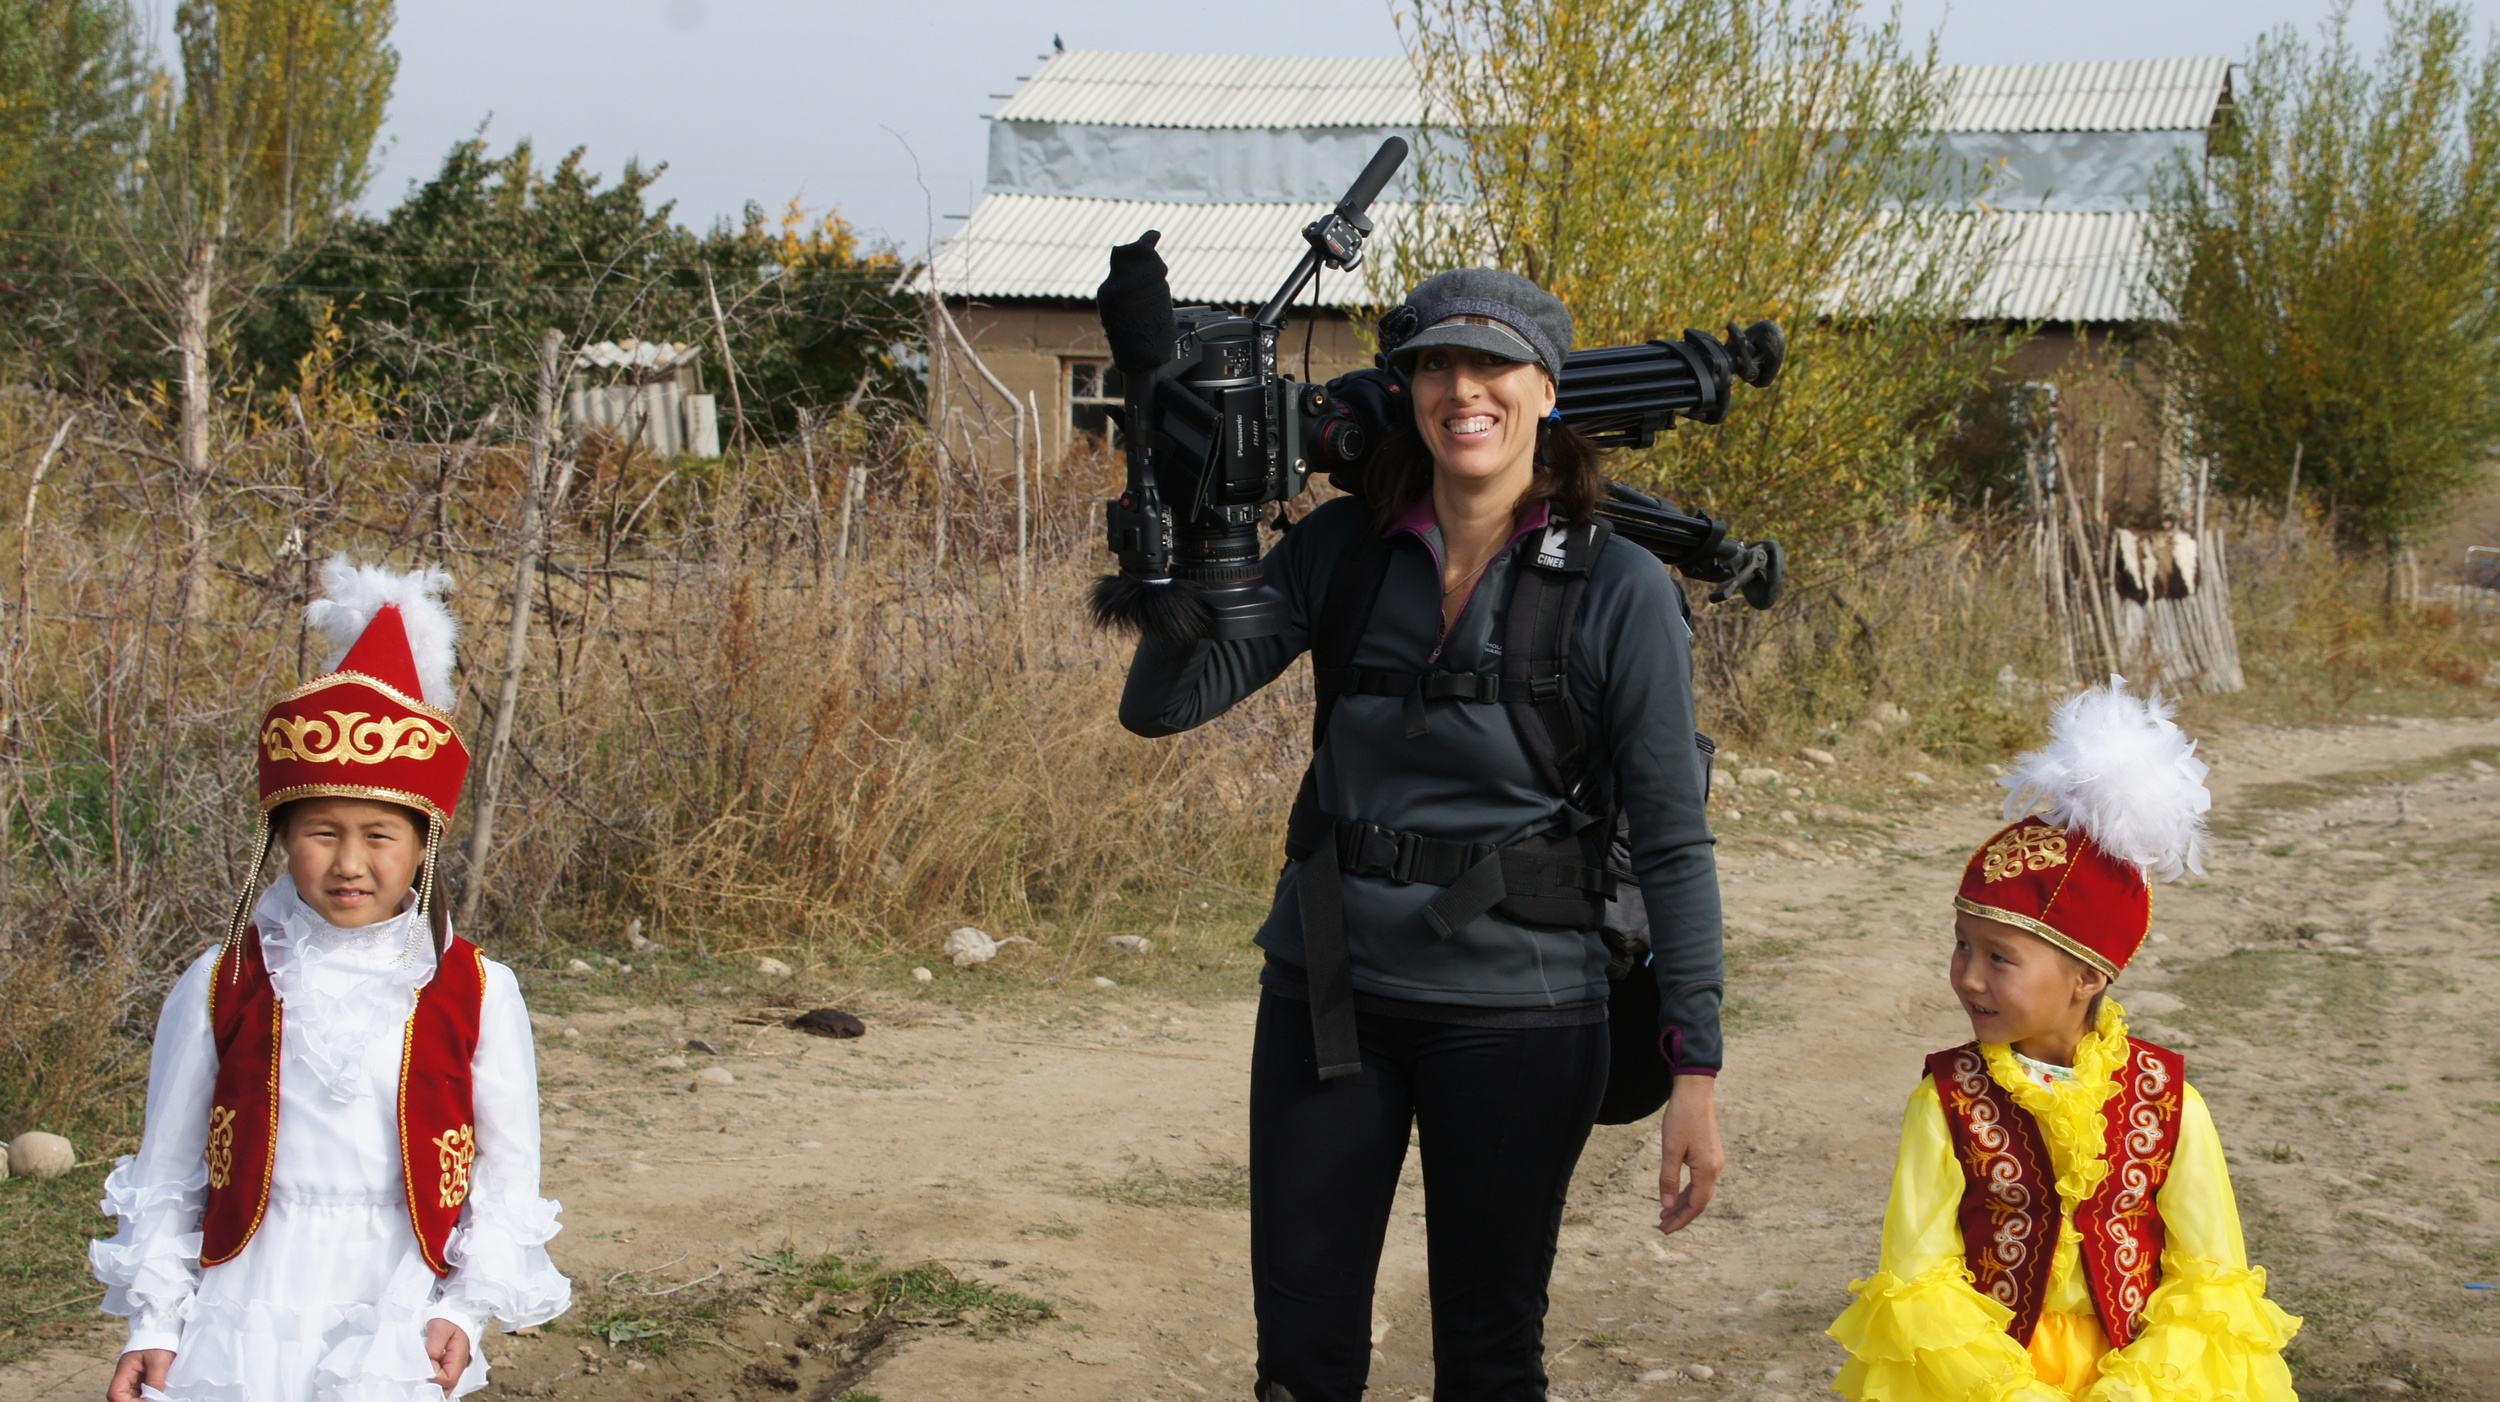 Shooting in Kyrgyzstan